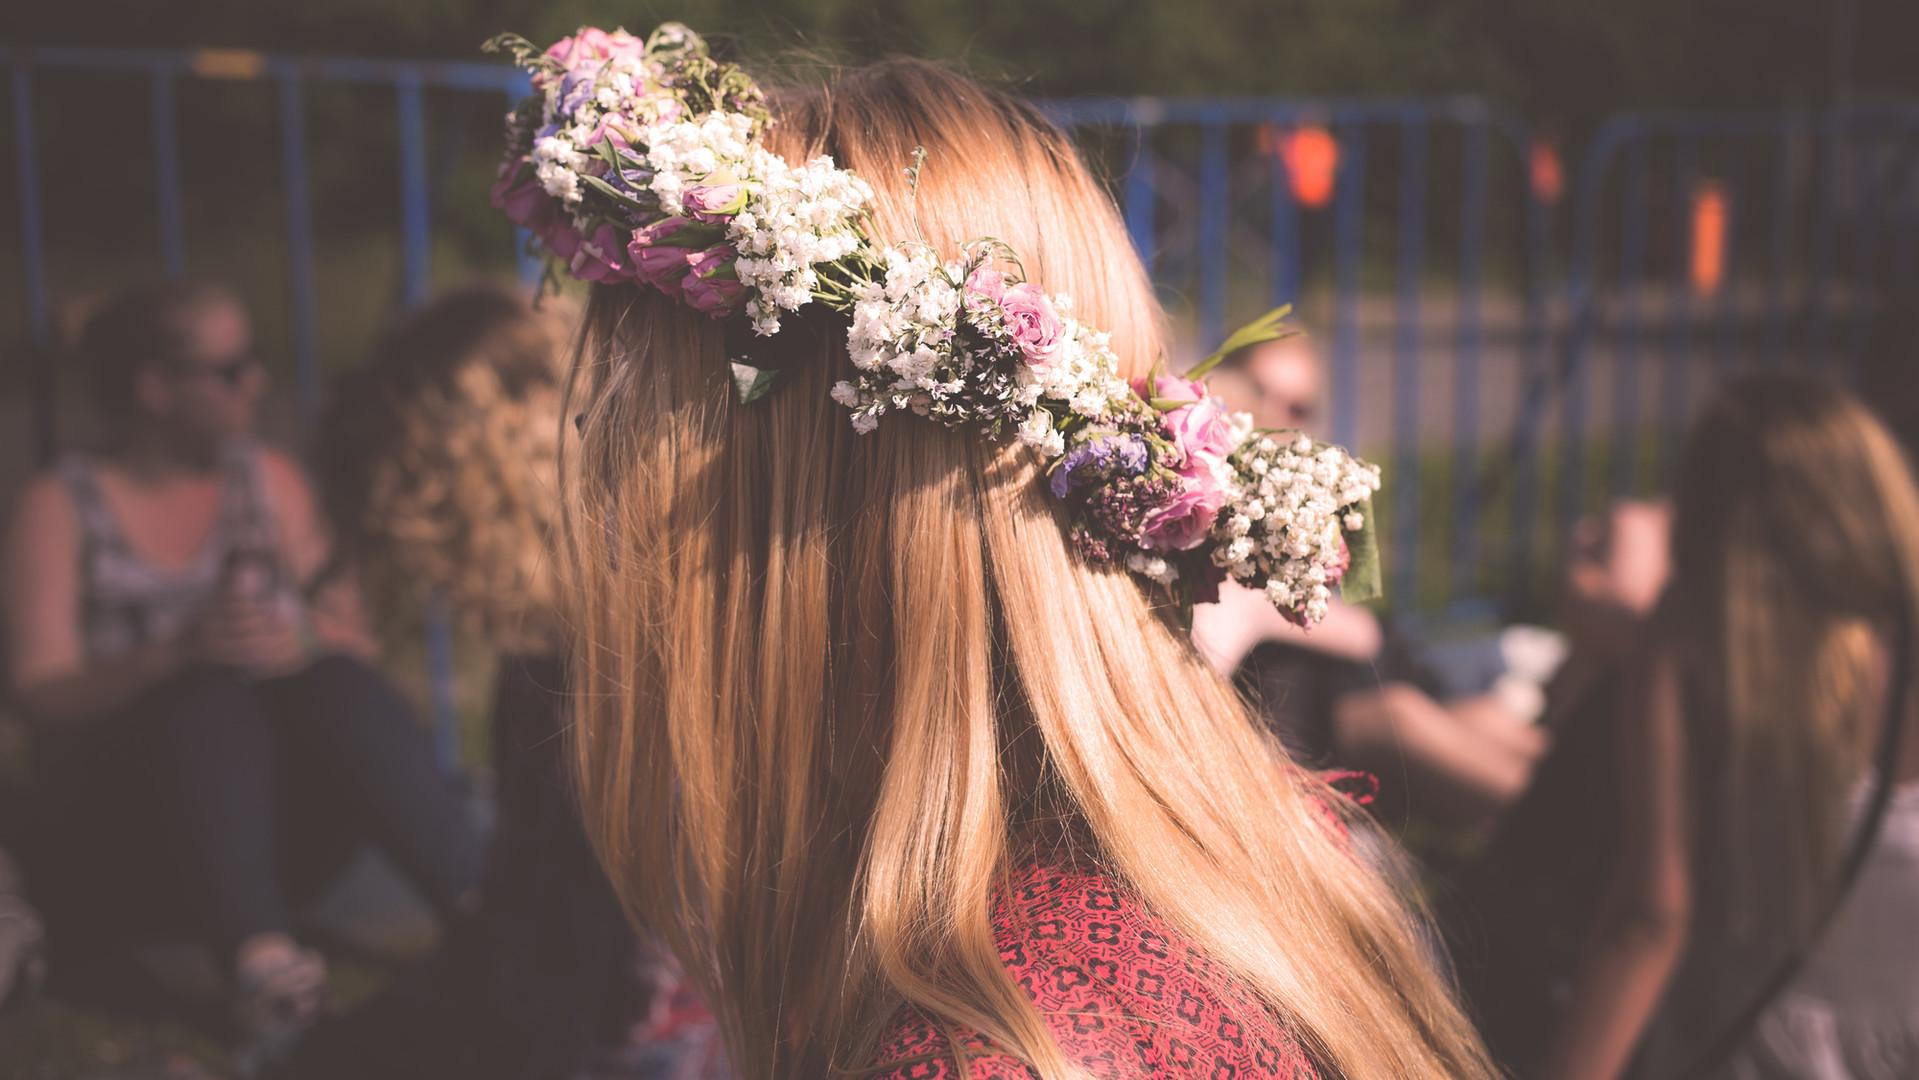 Blumen auf ihrem Haar